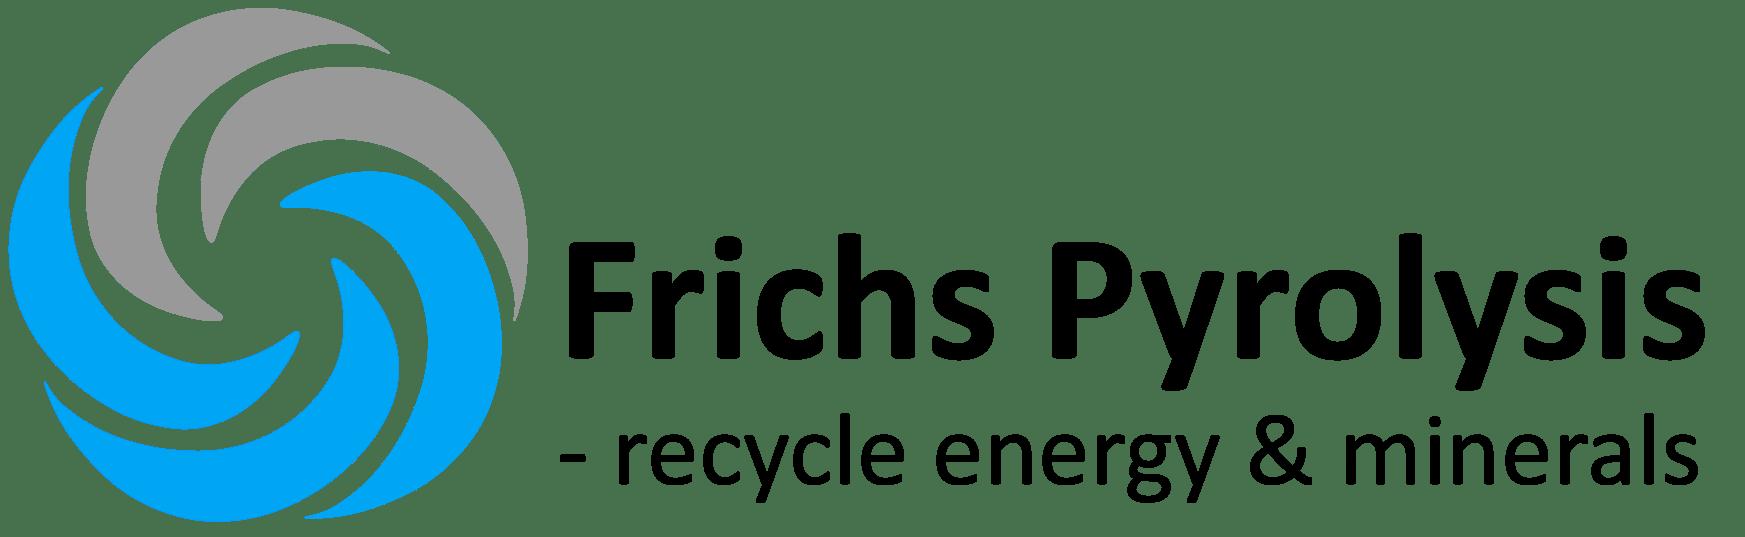 Frichs Pyrolysis' logo